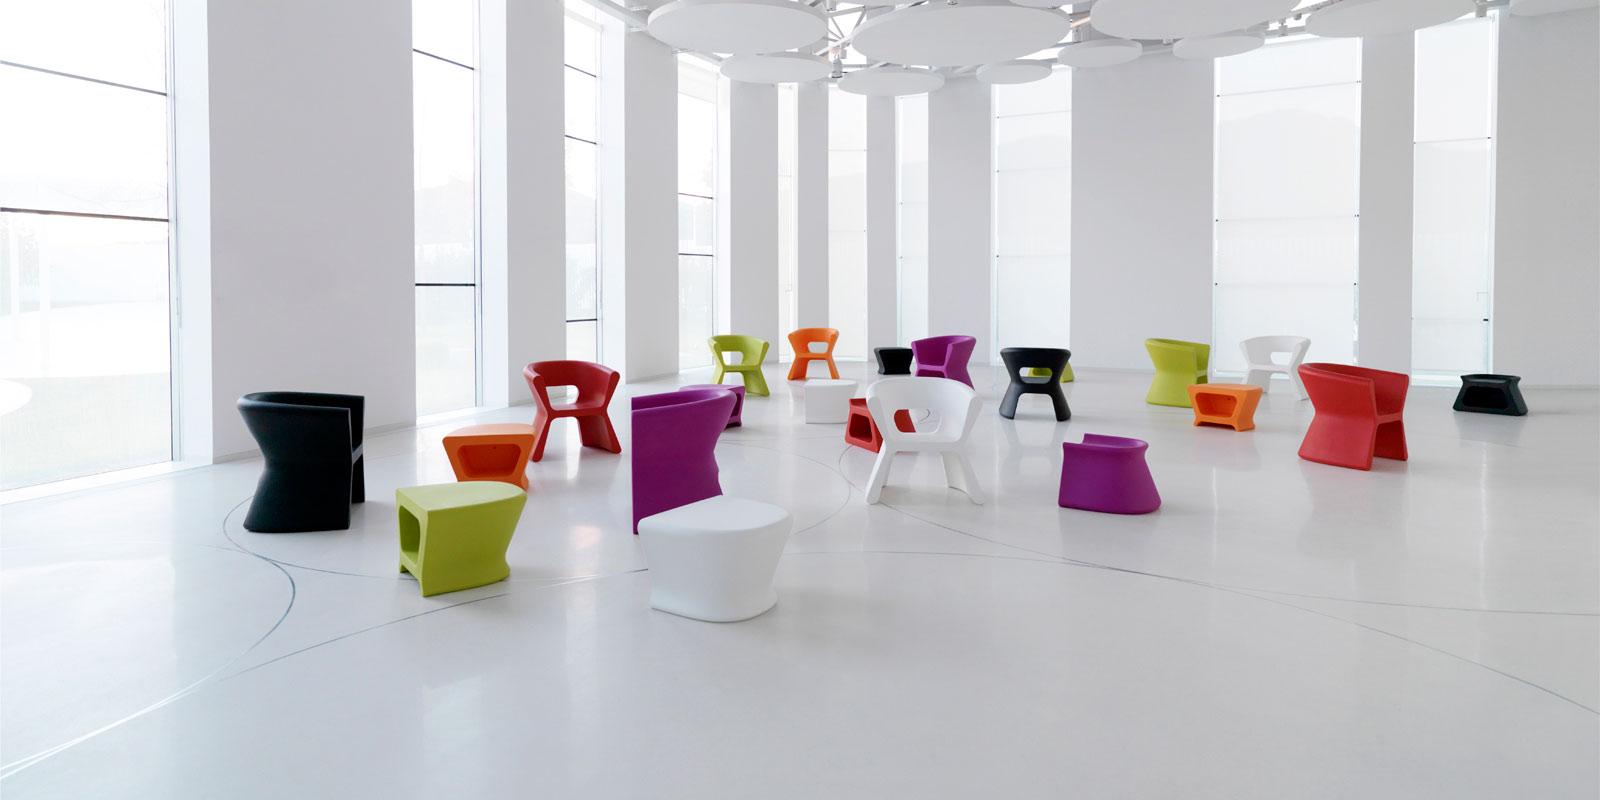 VONDOM-mueble-jardin-diseño-mesa-silla-pal-karimrashid-vondom